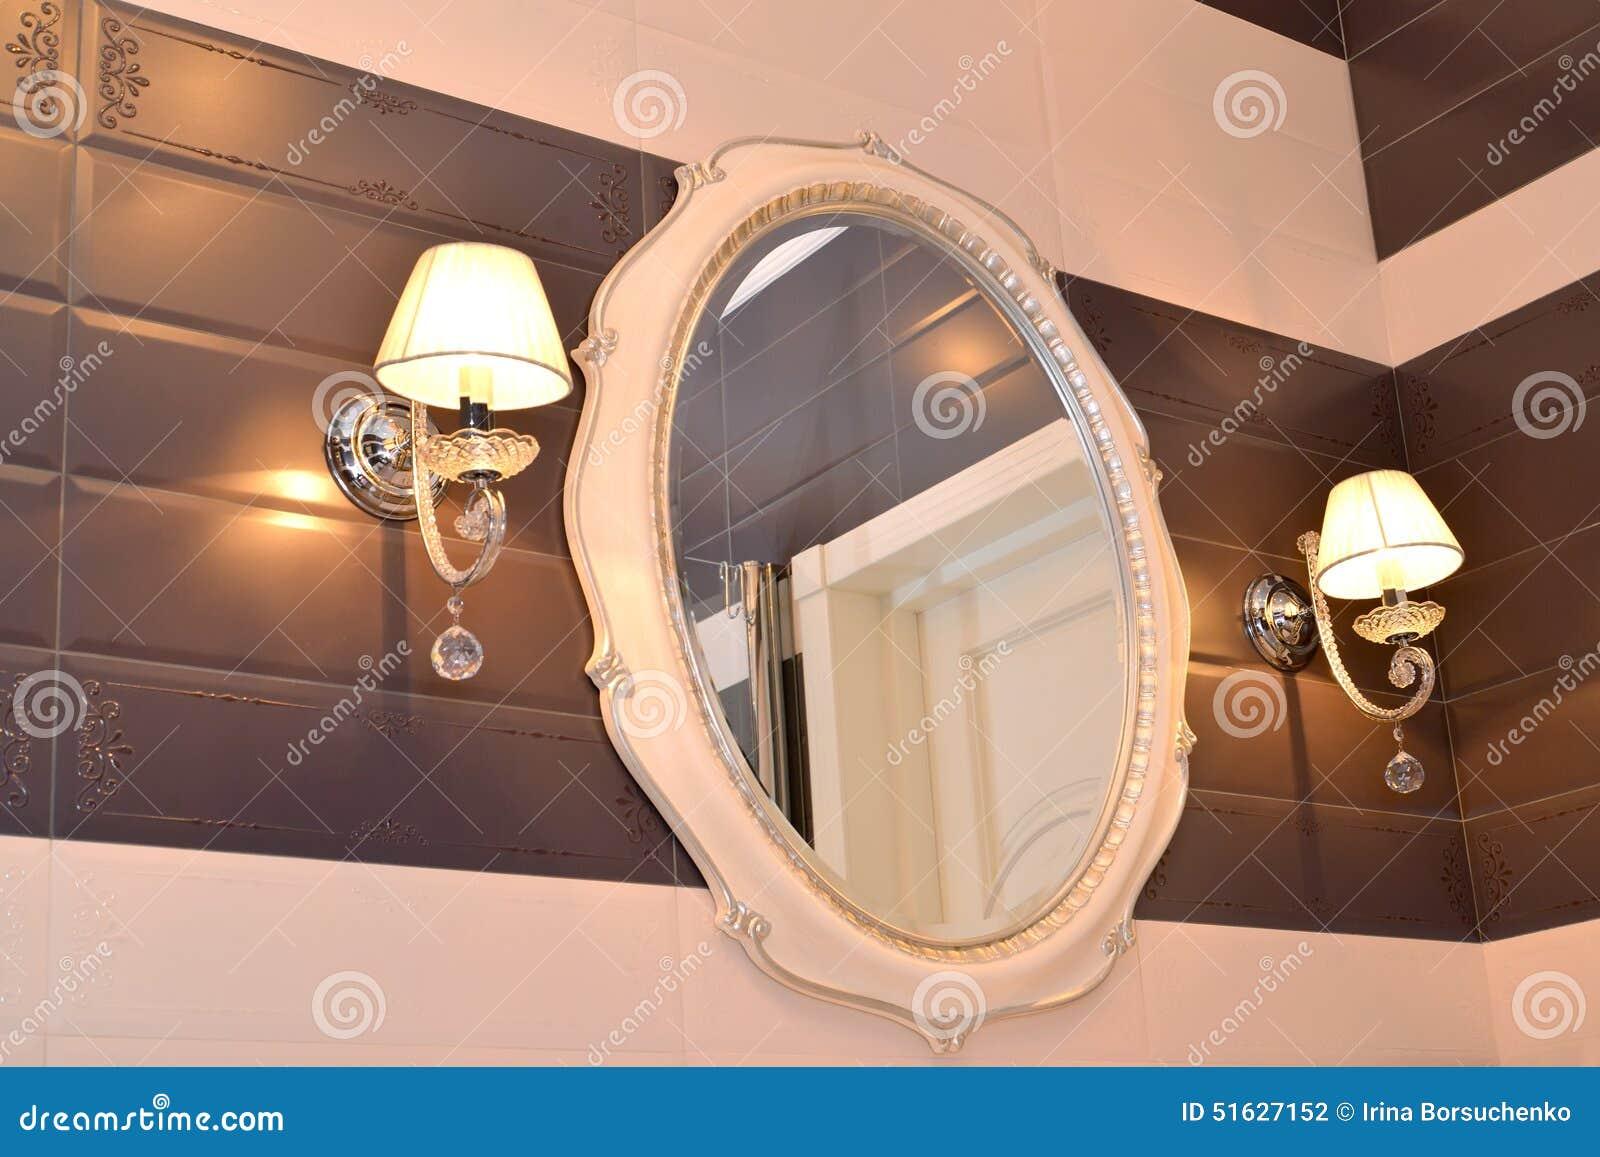 Espejo Y Dos Apliques En Un Cuarto De Baño Foto de archivo - Imagen ...